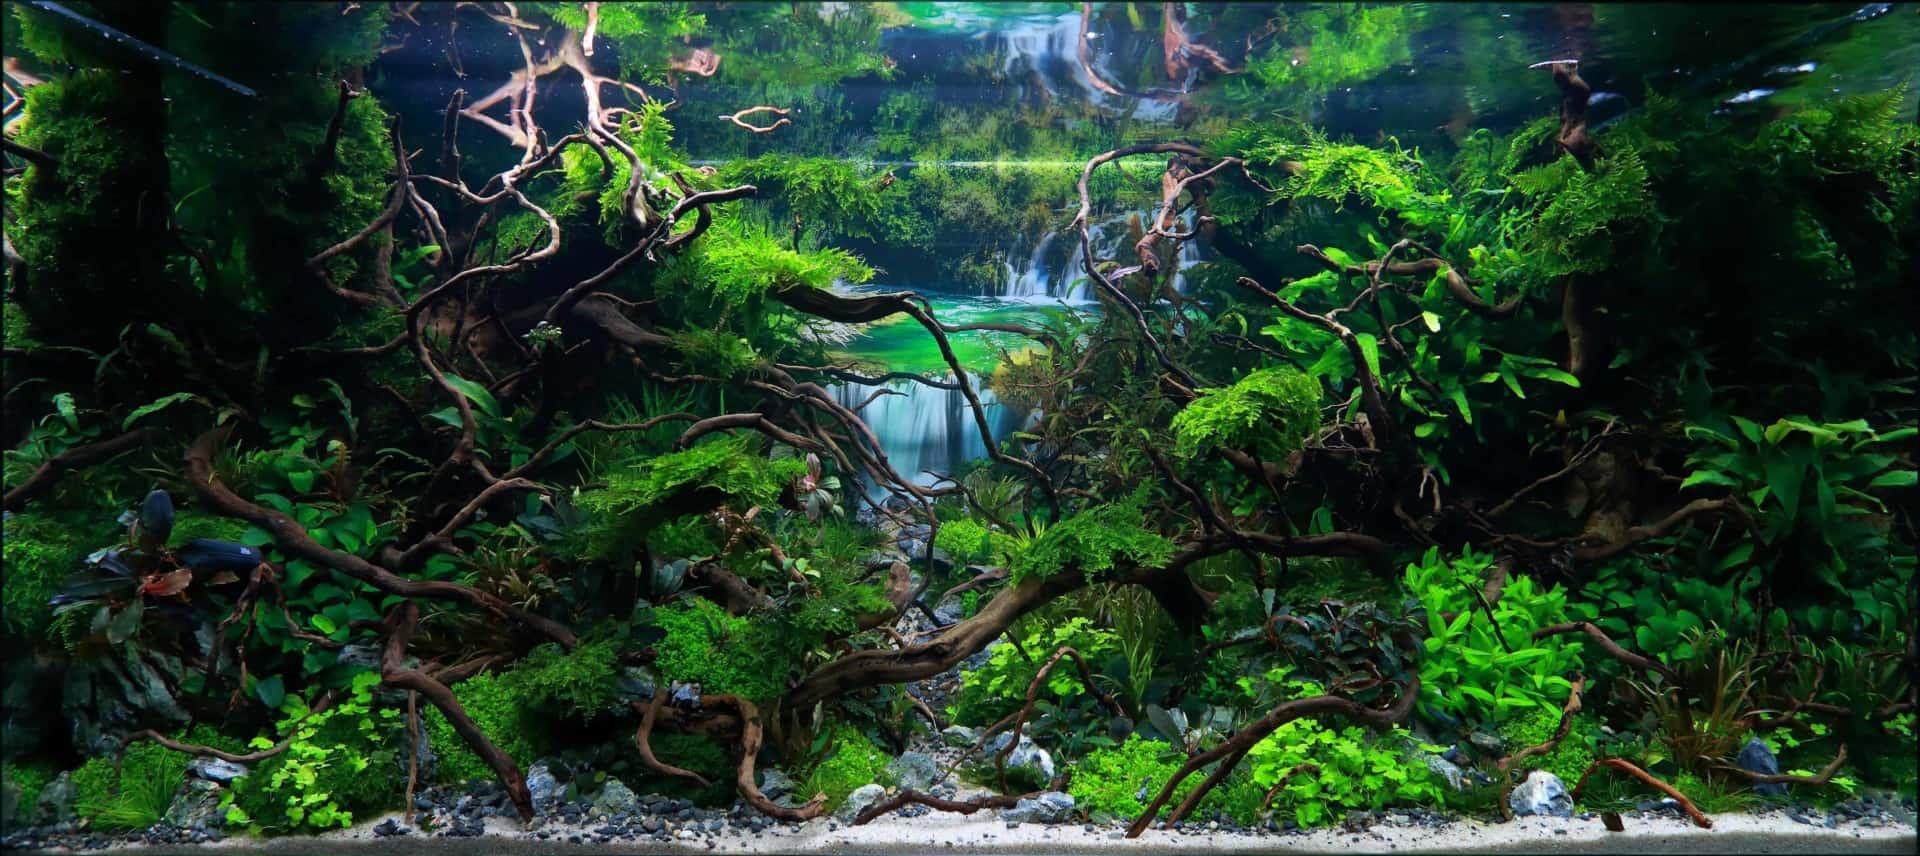 191 - The Art of the Planted Aquarium - Neuheiten und Möglichkeiten zum Mitmachen im April 2019 (Stefanie Hesse) 4